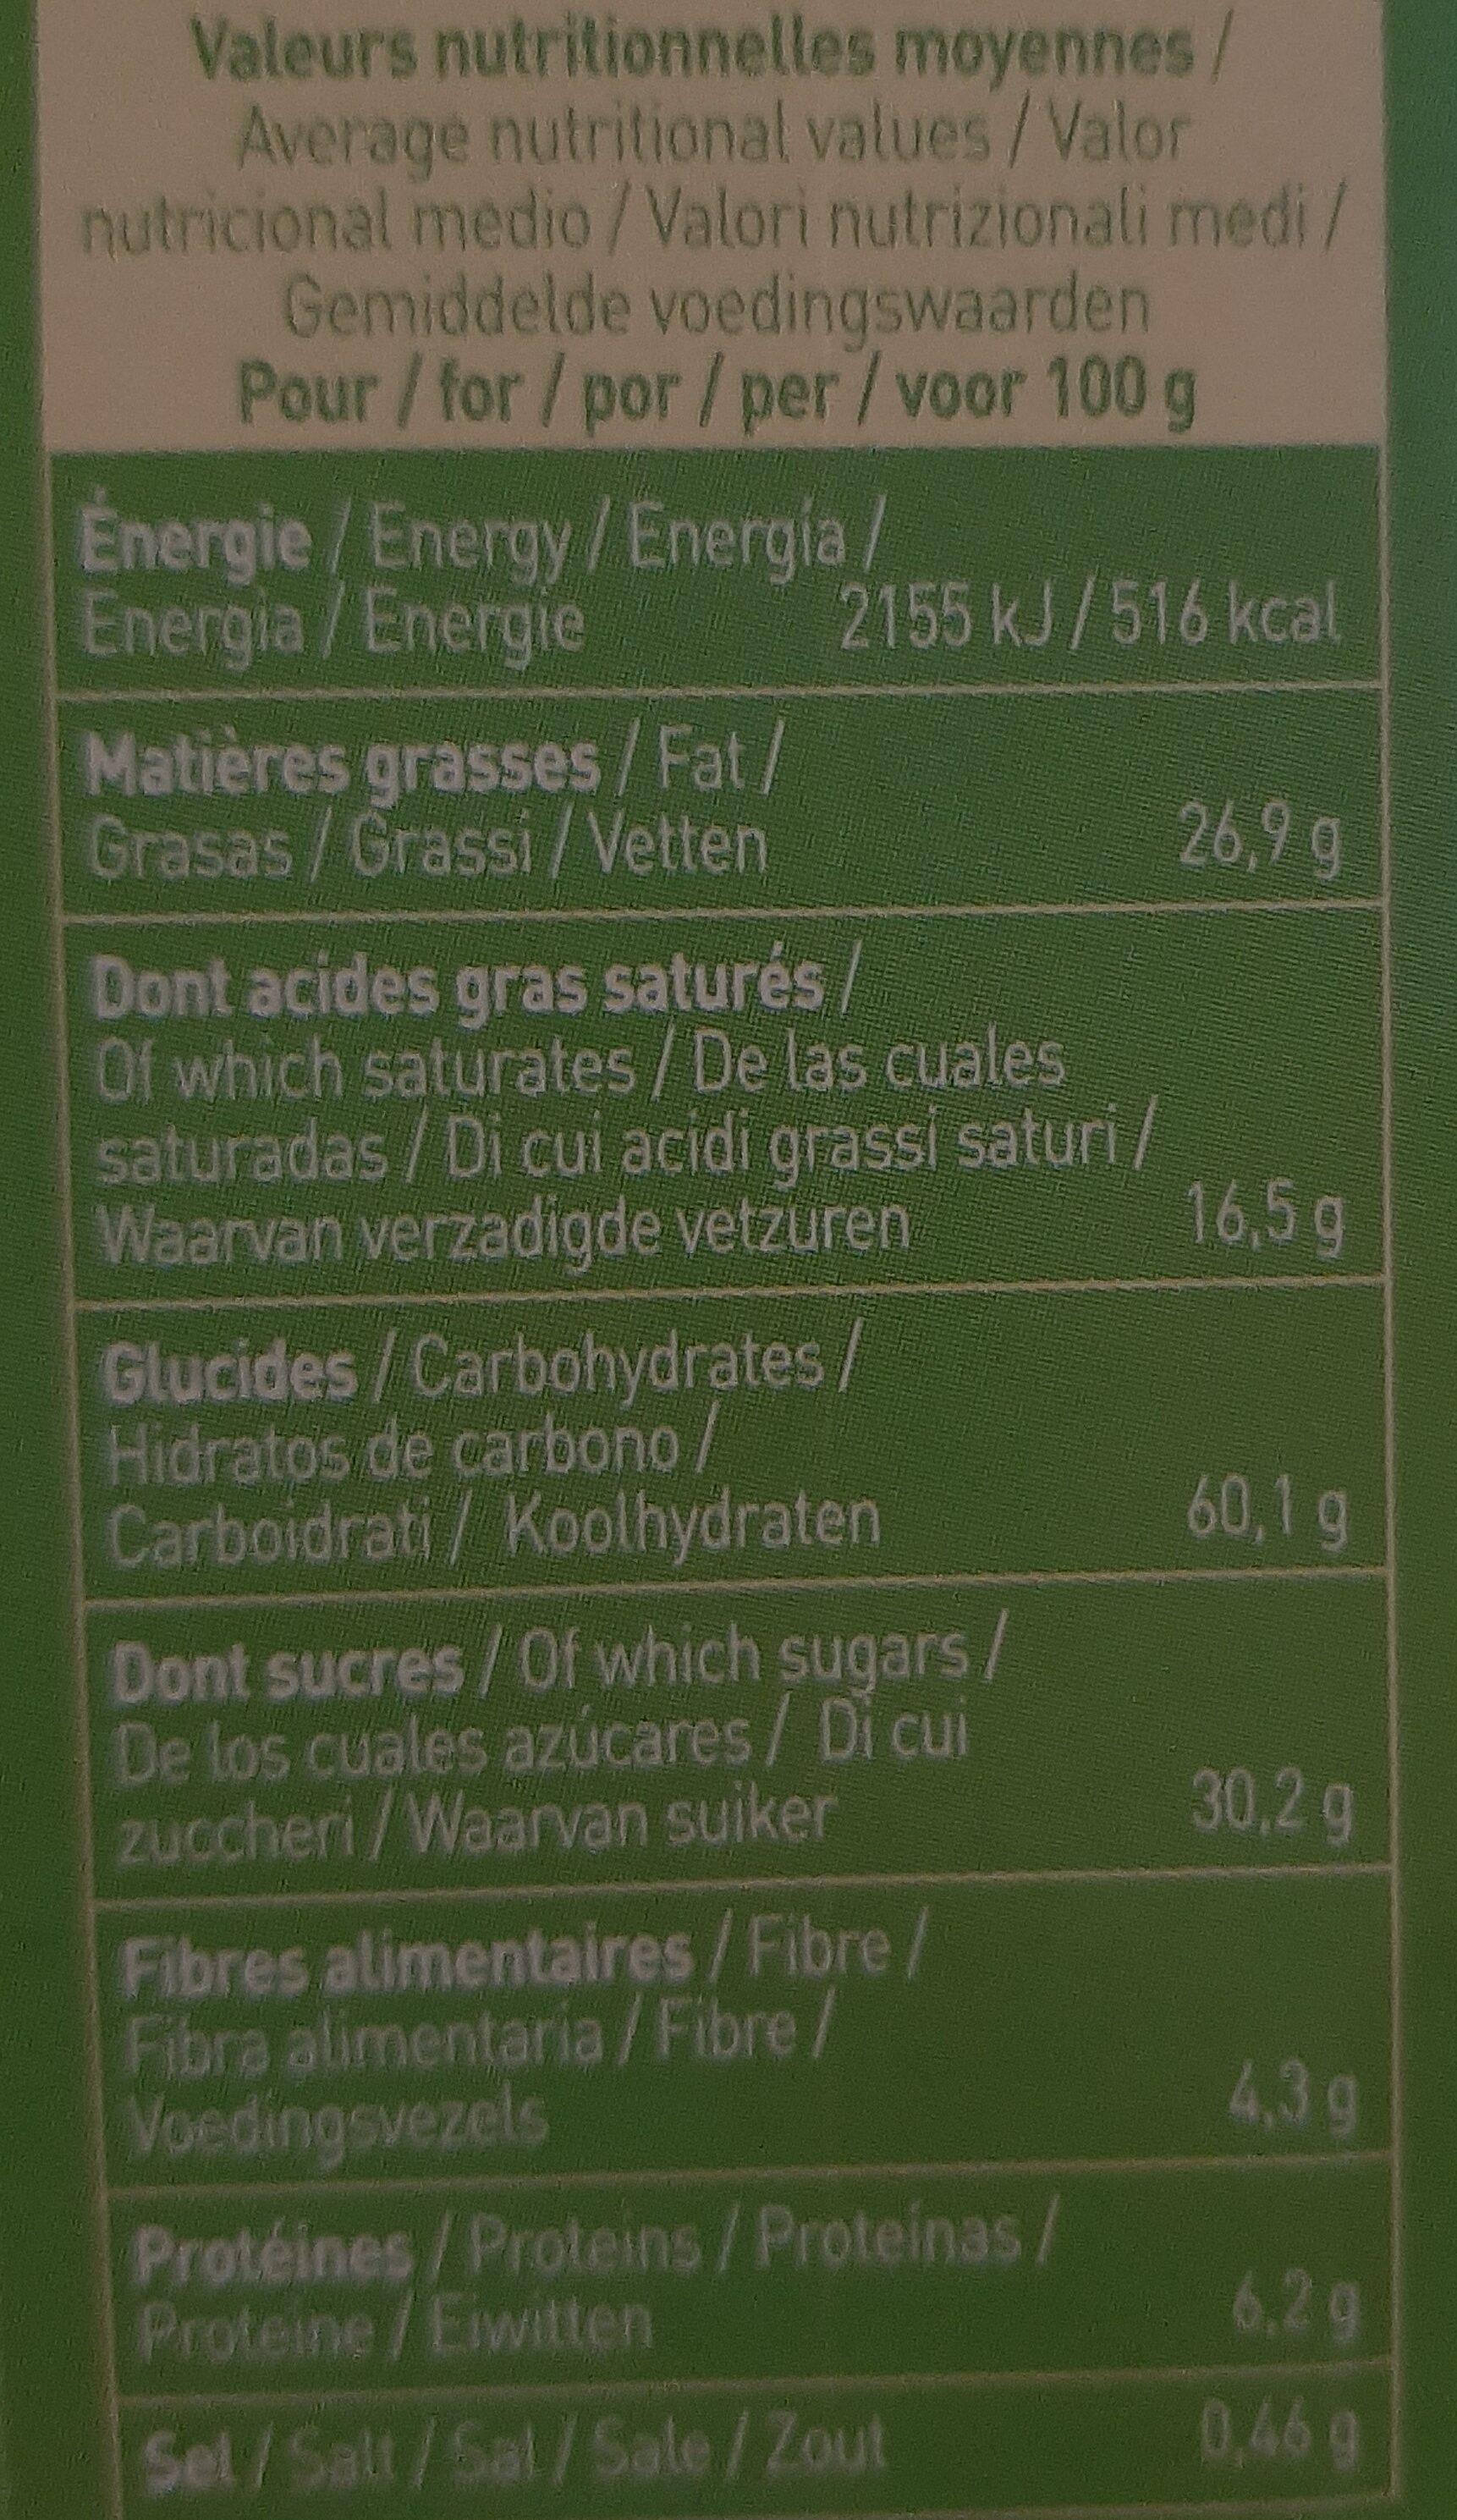 P'tiwi Choc' - Biscuit p'tits beurres très très chocolat noir - Voedingswaarden - fr